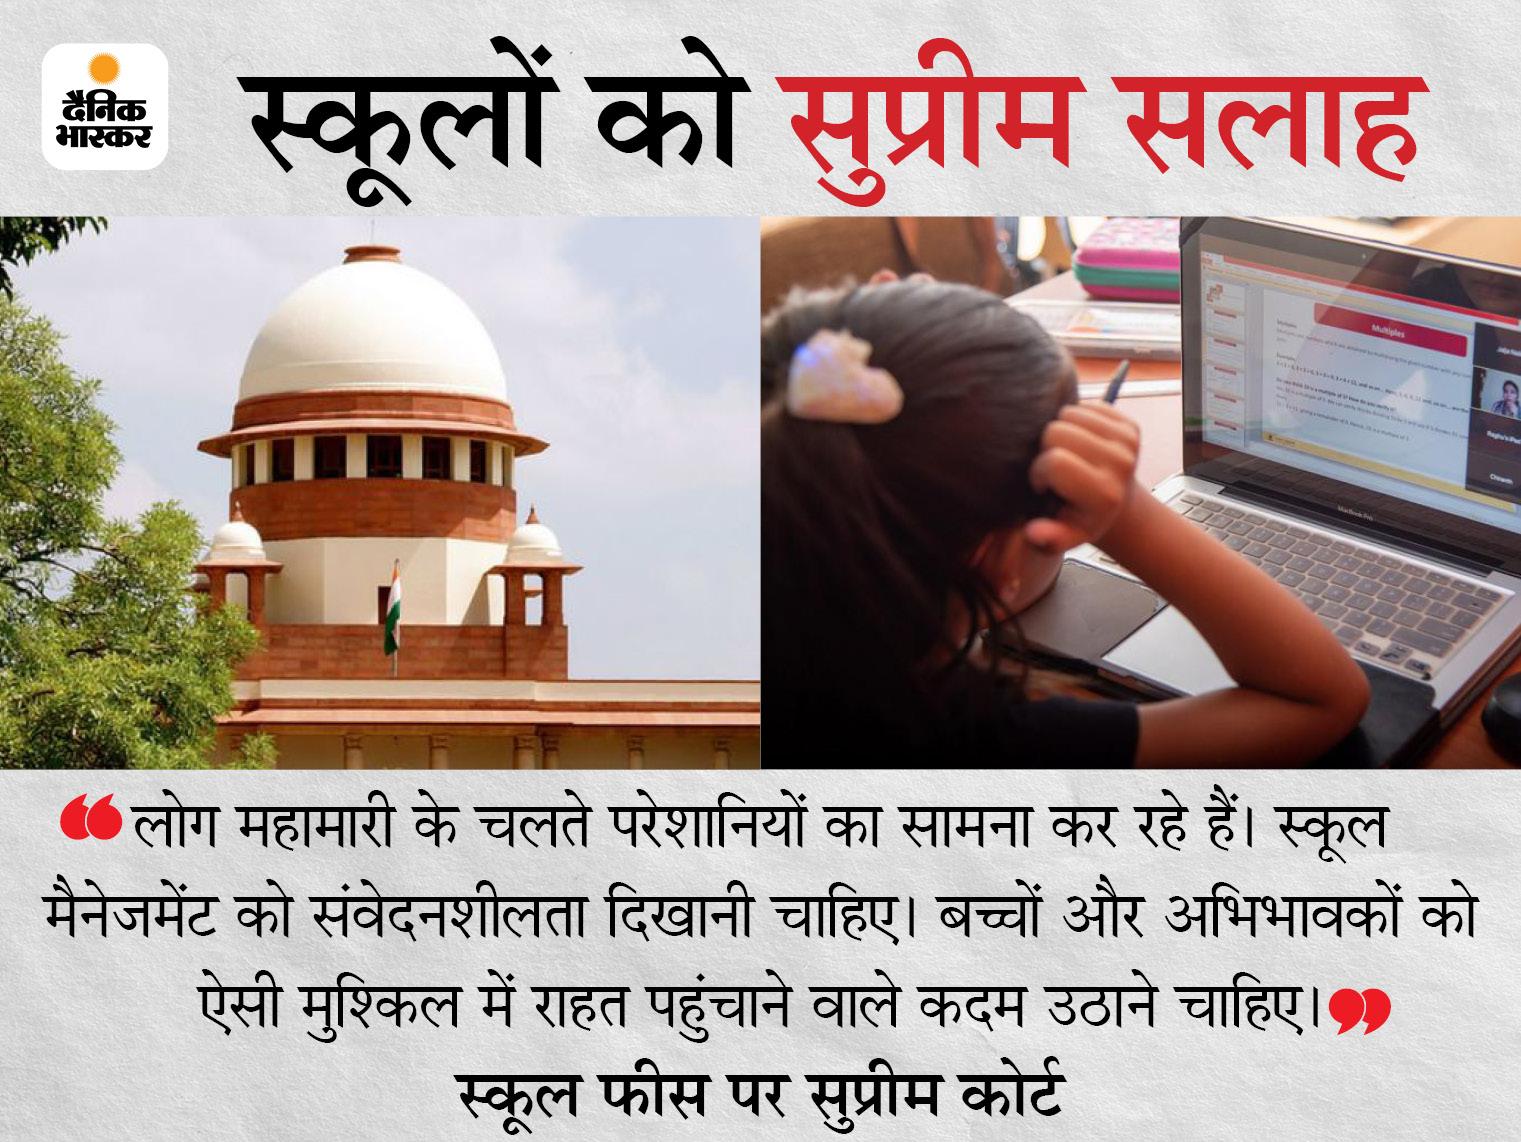 सुप्रीम कोर्ट ने कहा- स्कूल चलाने का खर्च कम हुआ, इसलिए ऑनलाइन क्लासेस की फीस घटानी चाहिए|देश,National - Dainik Bhaskar